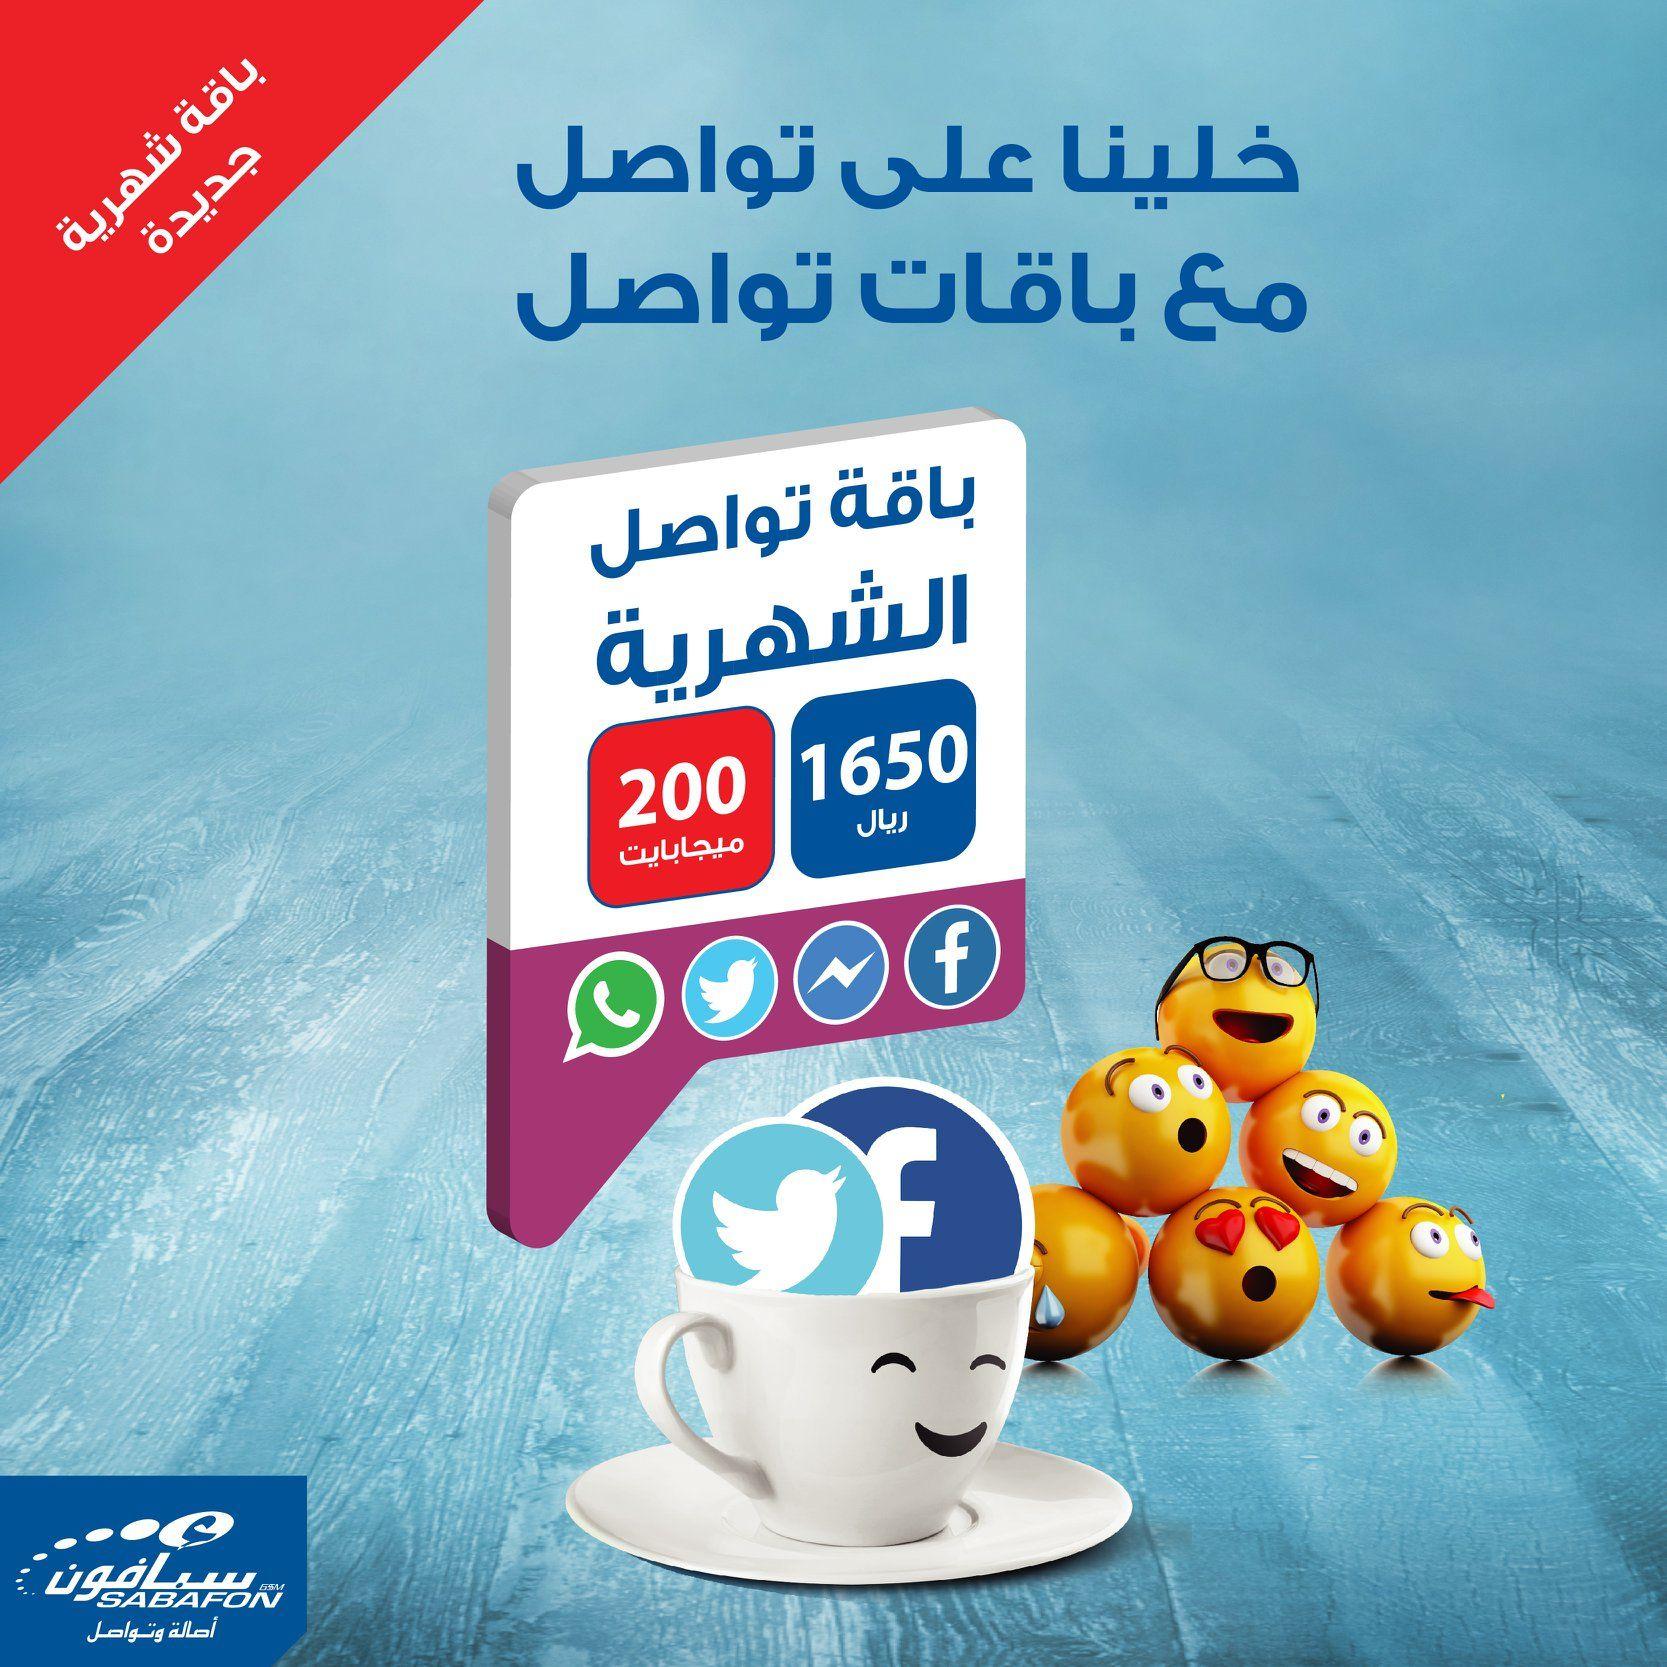 باقة تواصل الشهرية خلينا على تواصل مع باقات تواصل تمتع باستخدام لامحدود للواتساب فيسبوك فيسبوك ماسنجر تويتر بالإضافة إلى رصي In 2021 Enamel Pins Business Pin